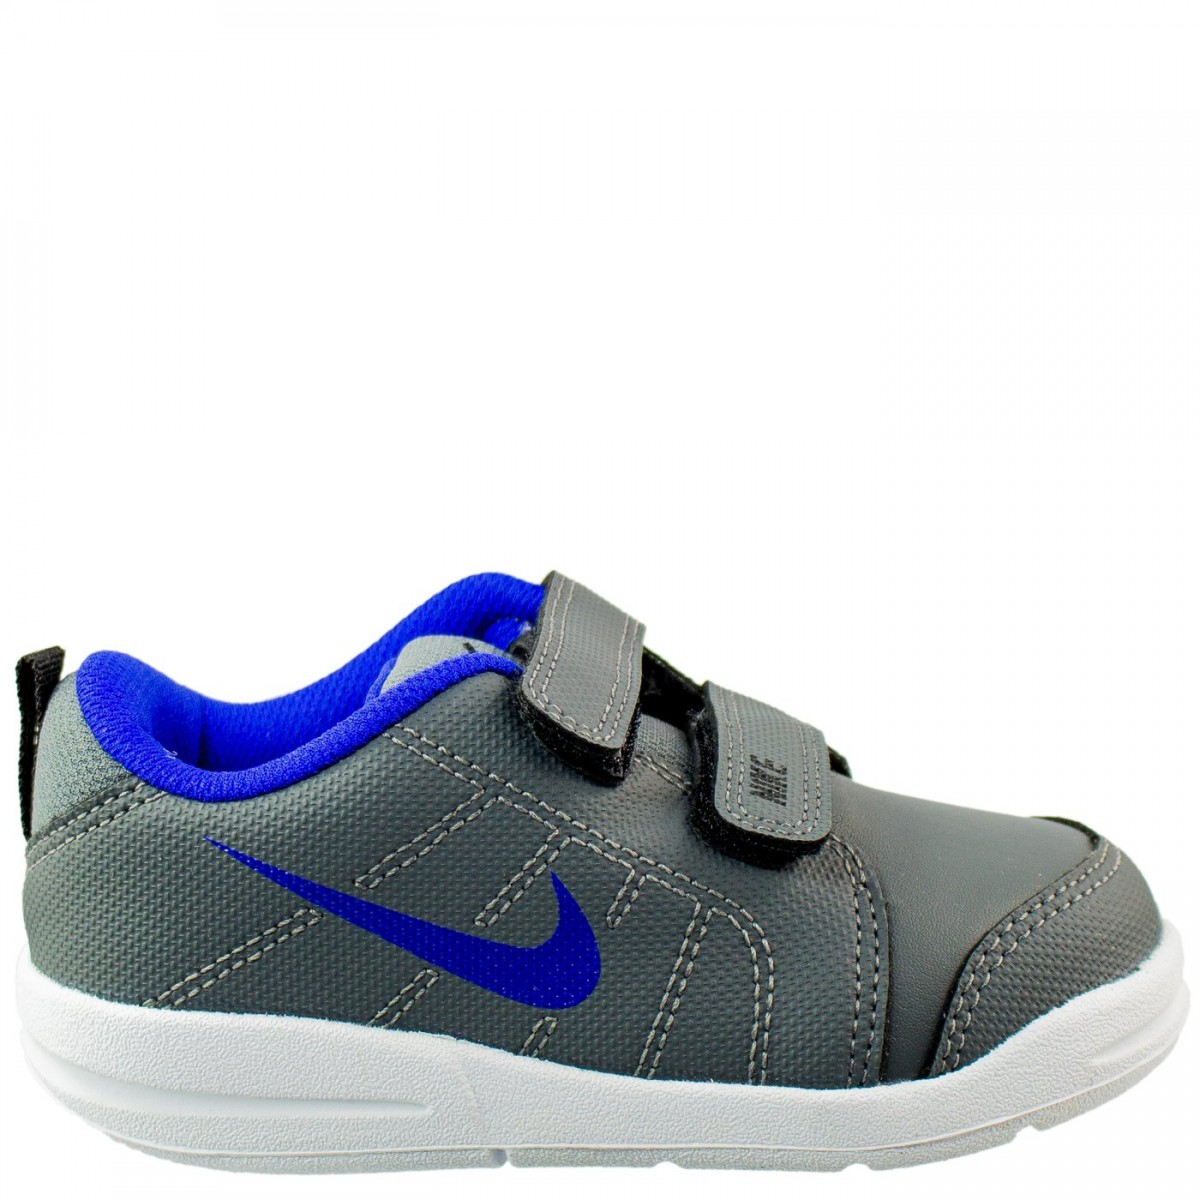 7341709b430 Bizz Store - Tênis Masculino Nike Pico LT Infantil